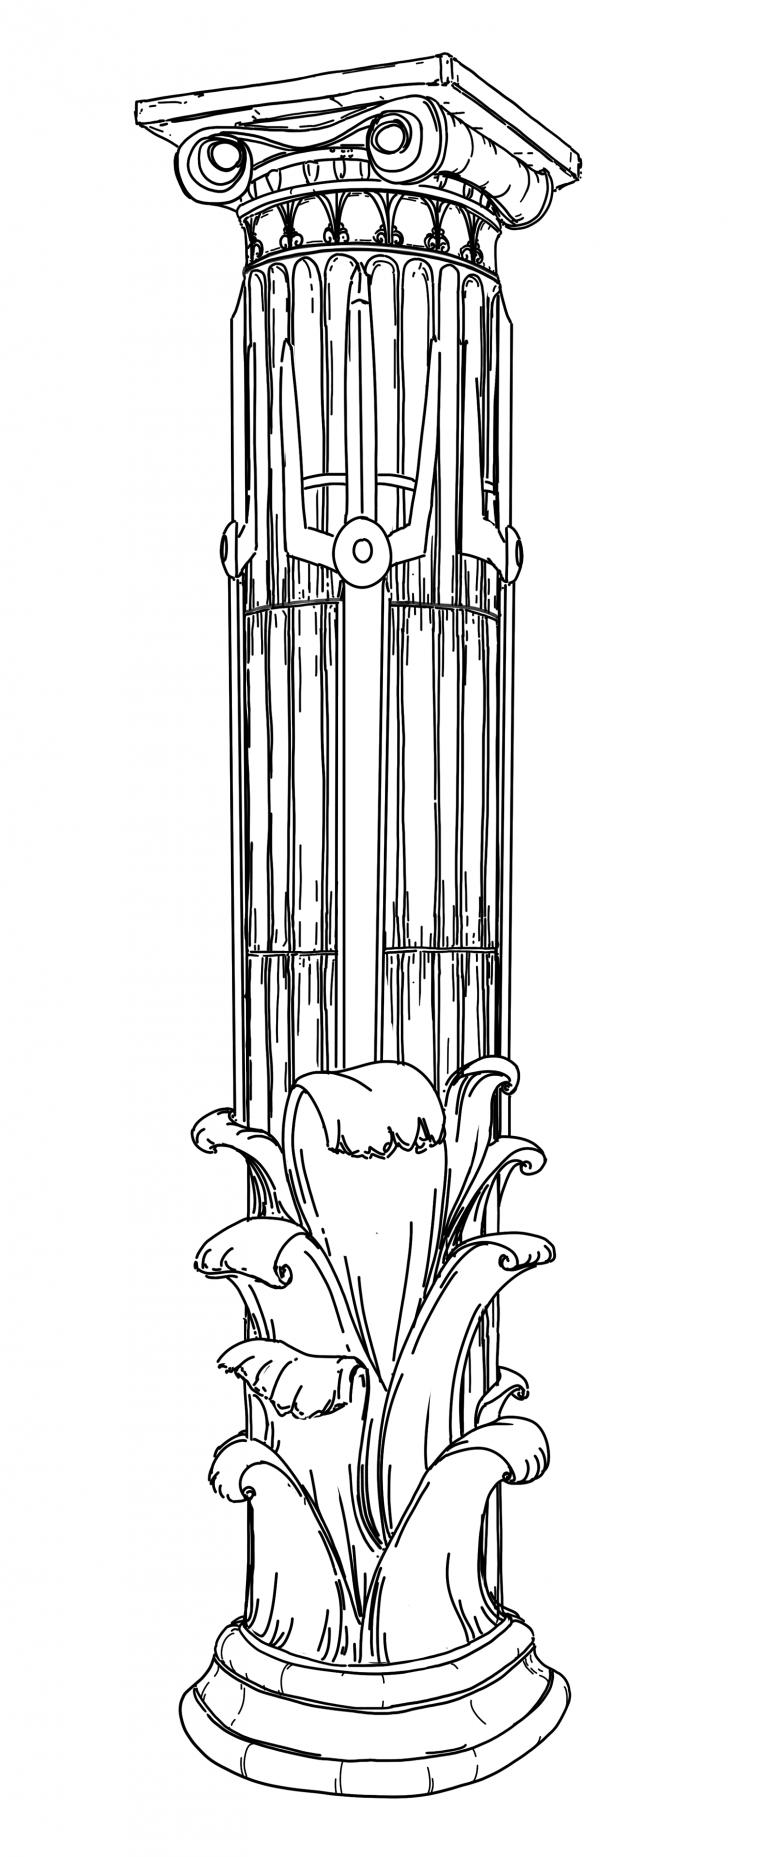 The Column of Poseidon